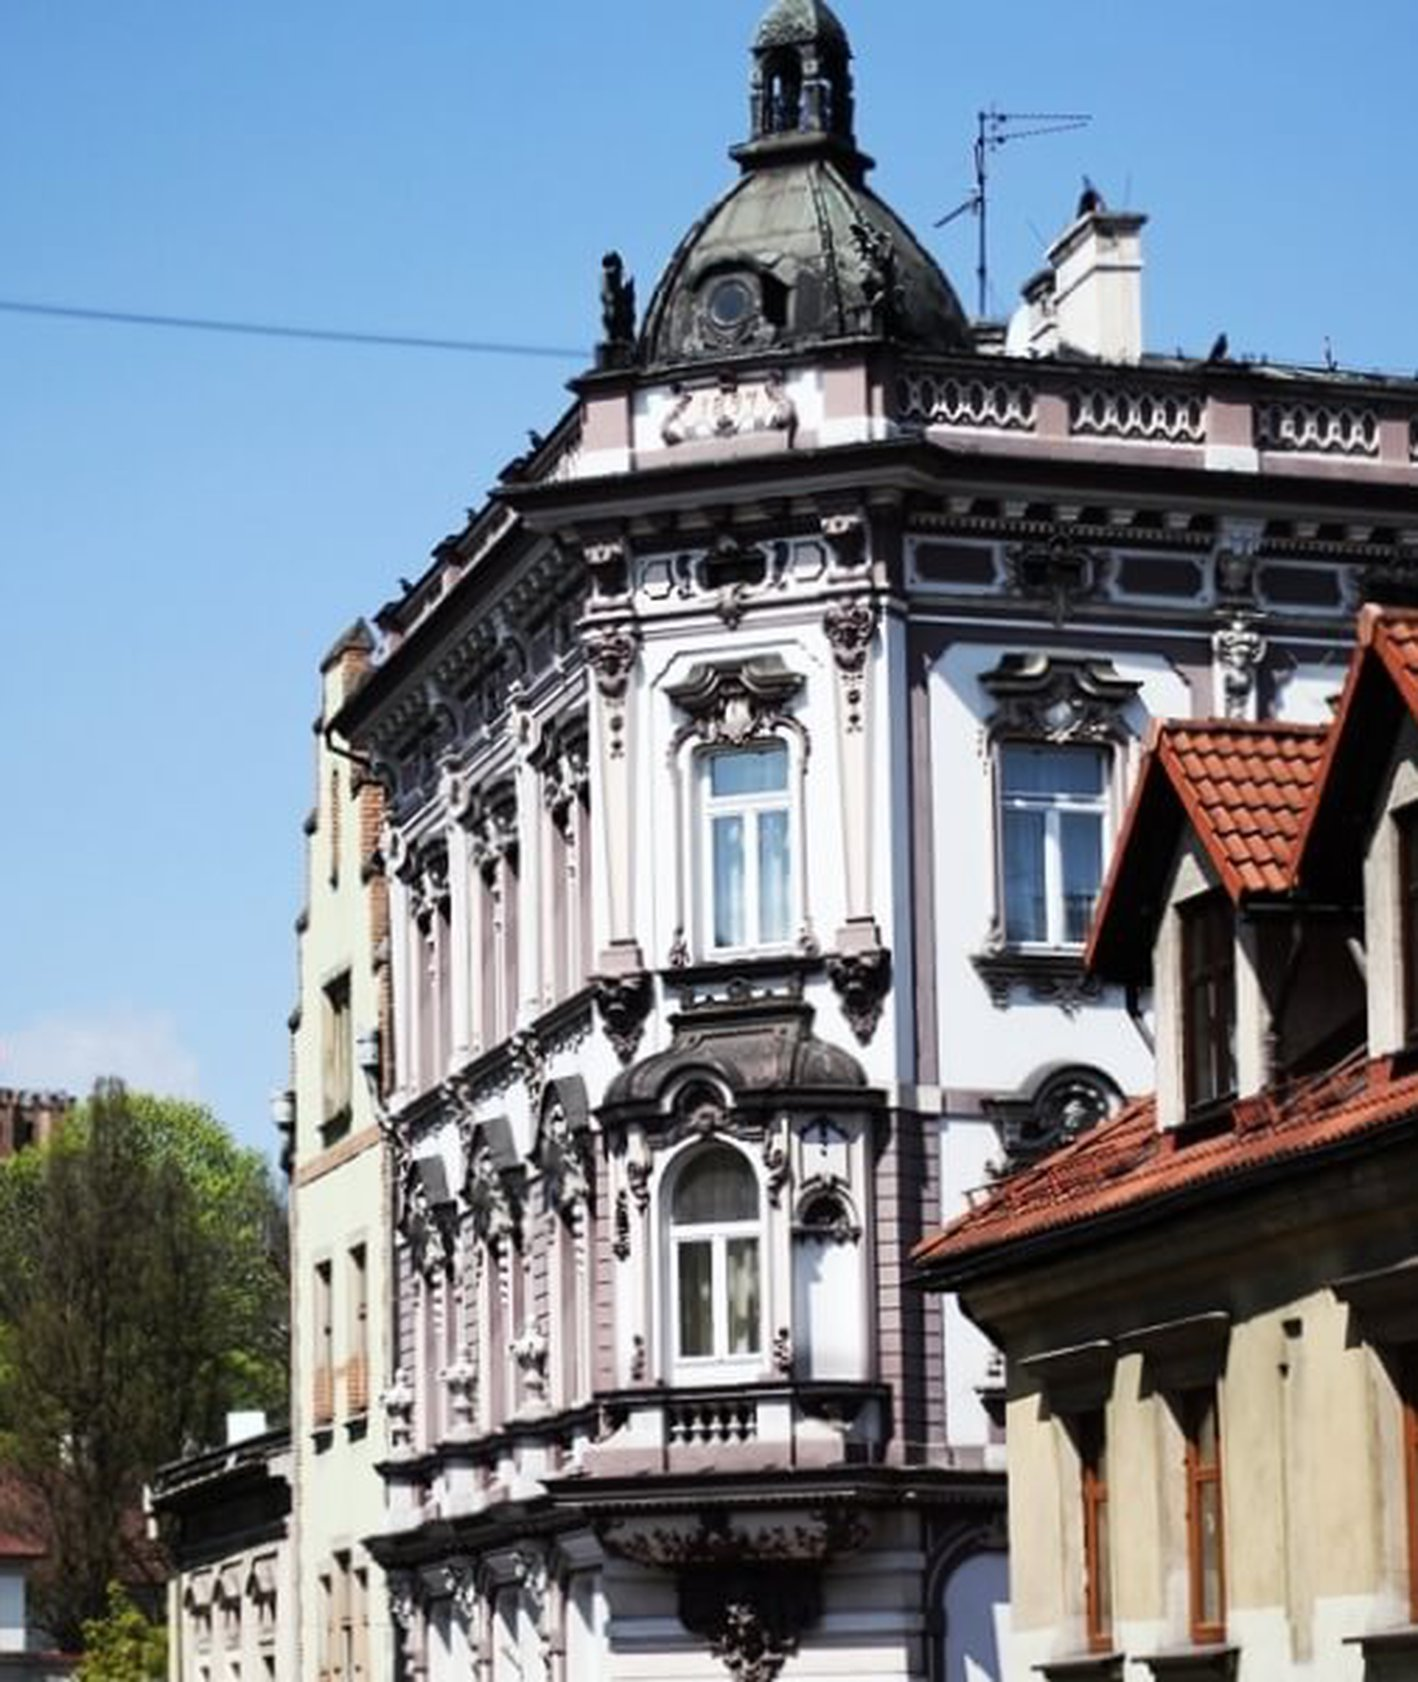 Cieszyn, co zjeść w cieszynie, przewodnik kulinarny cieszyn, jedzenie w Cieszynie, kuchnia polska, gdzie na kawę w Cieszynie, przewodnik kukbuk